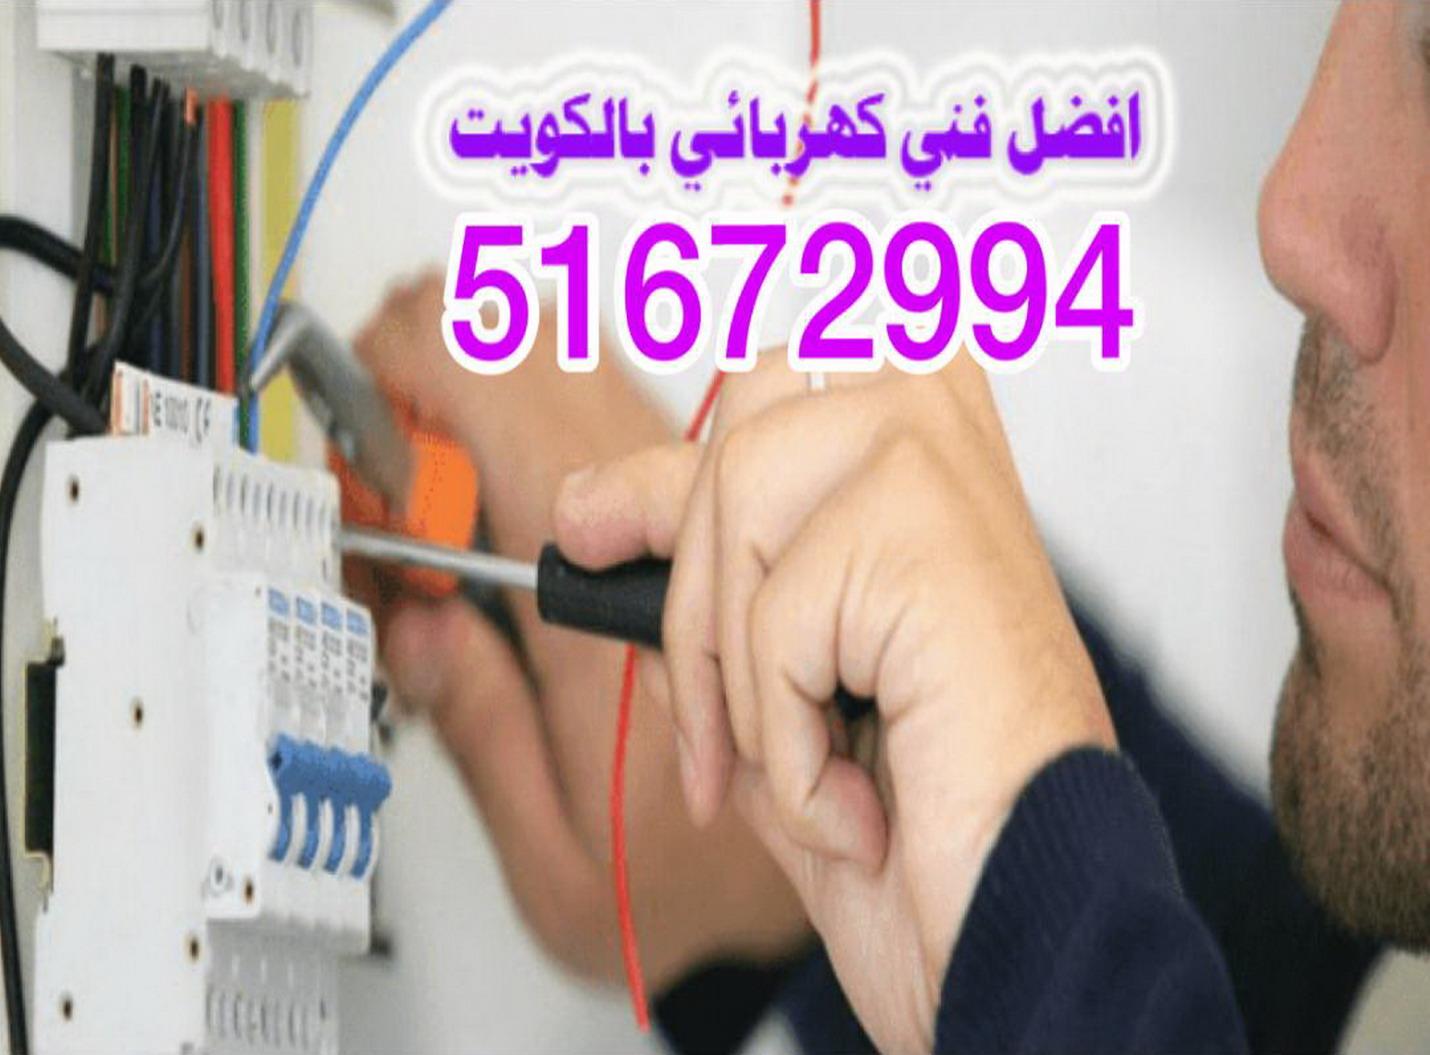 فني كهربائي بالكويت 51672994